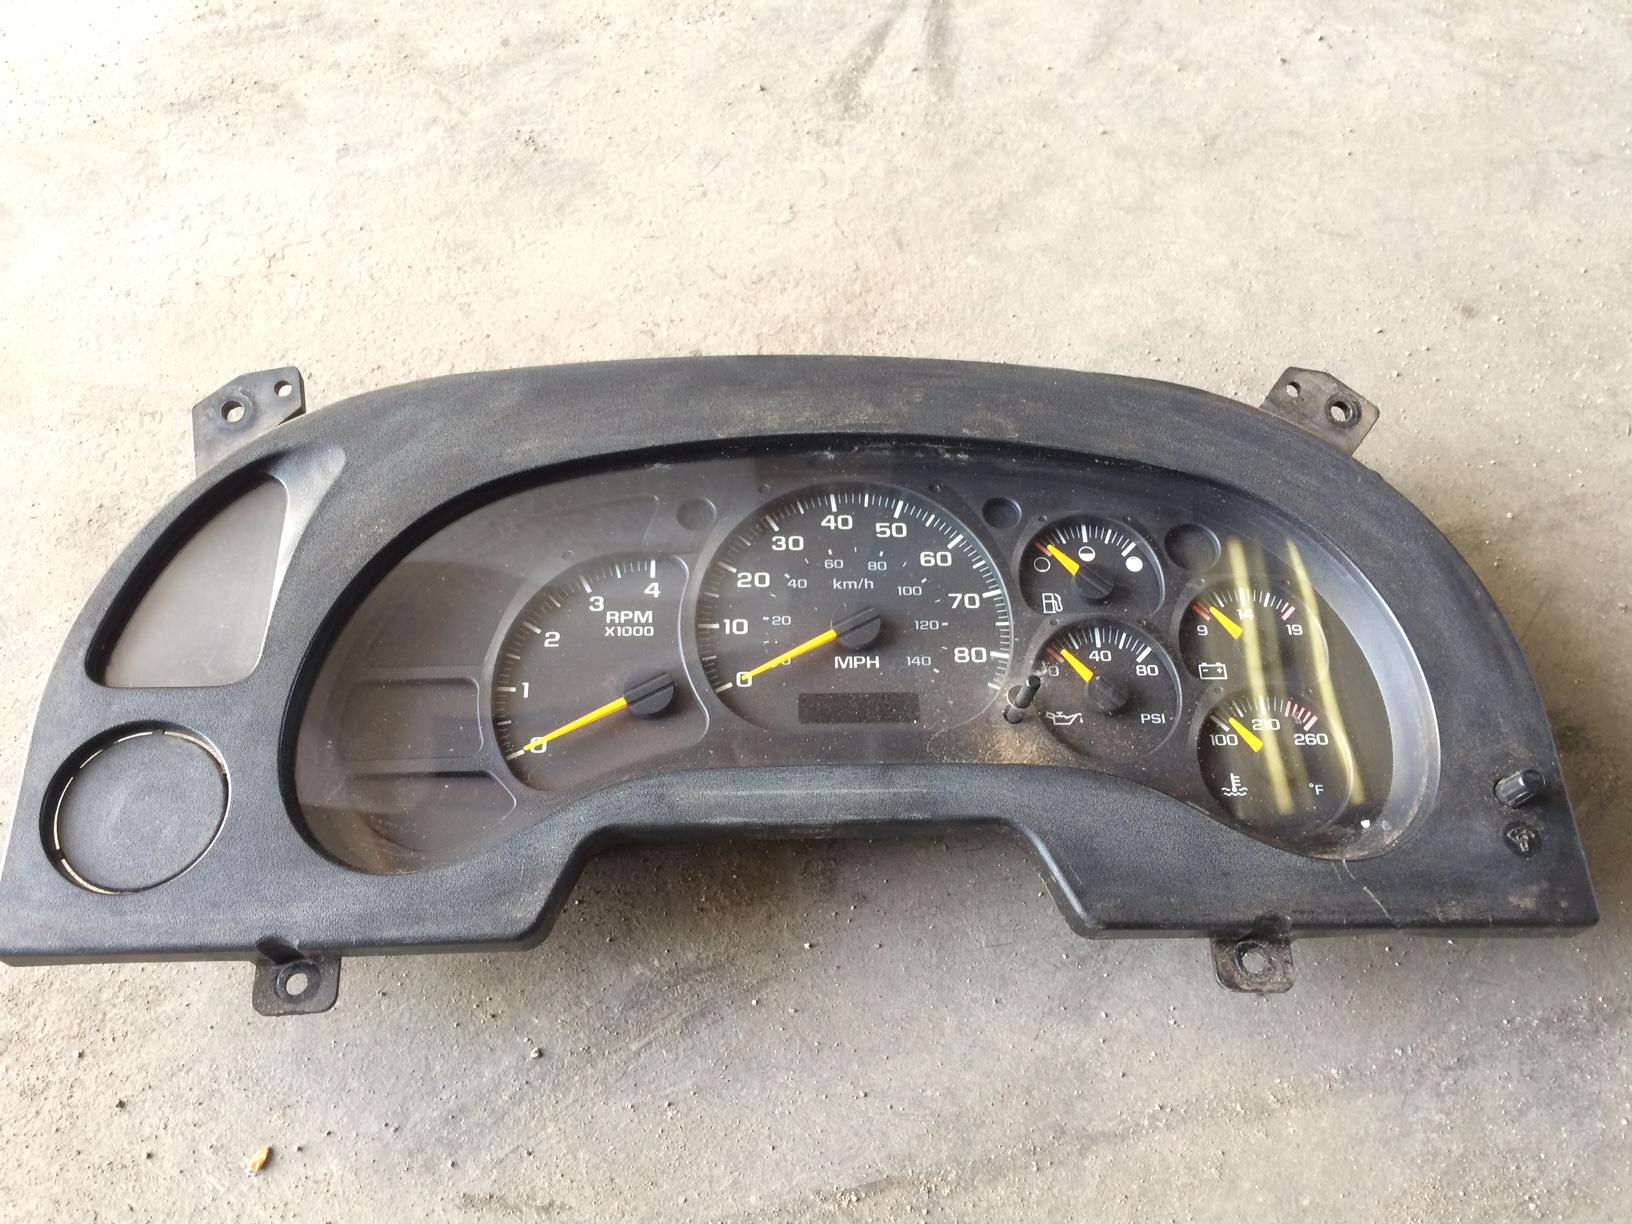 Isuzu Speedometer Ftr Frr Gmc W5500 W56500 W7500 2005